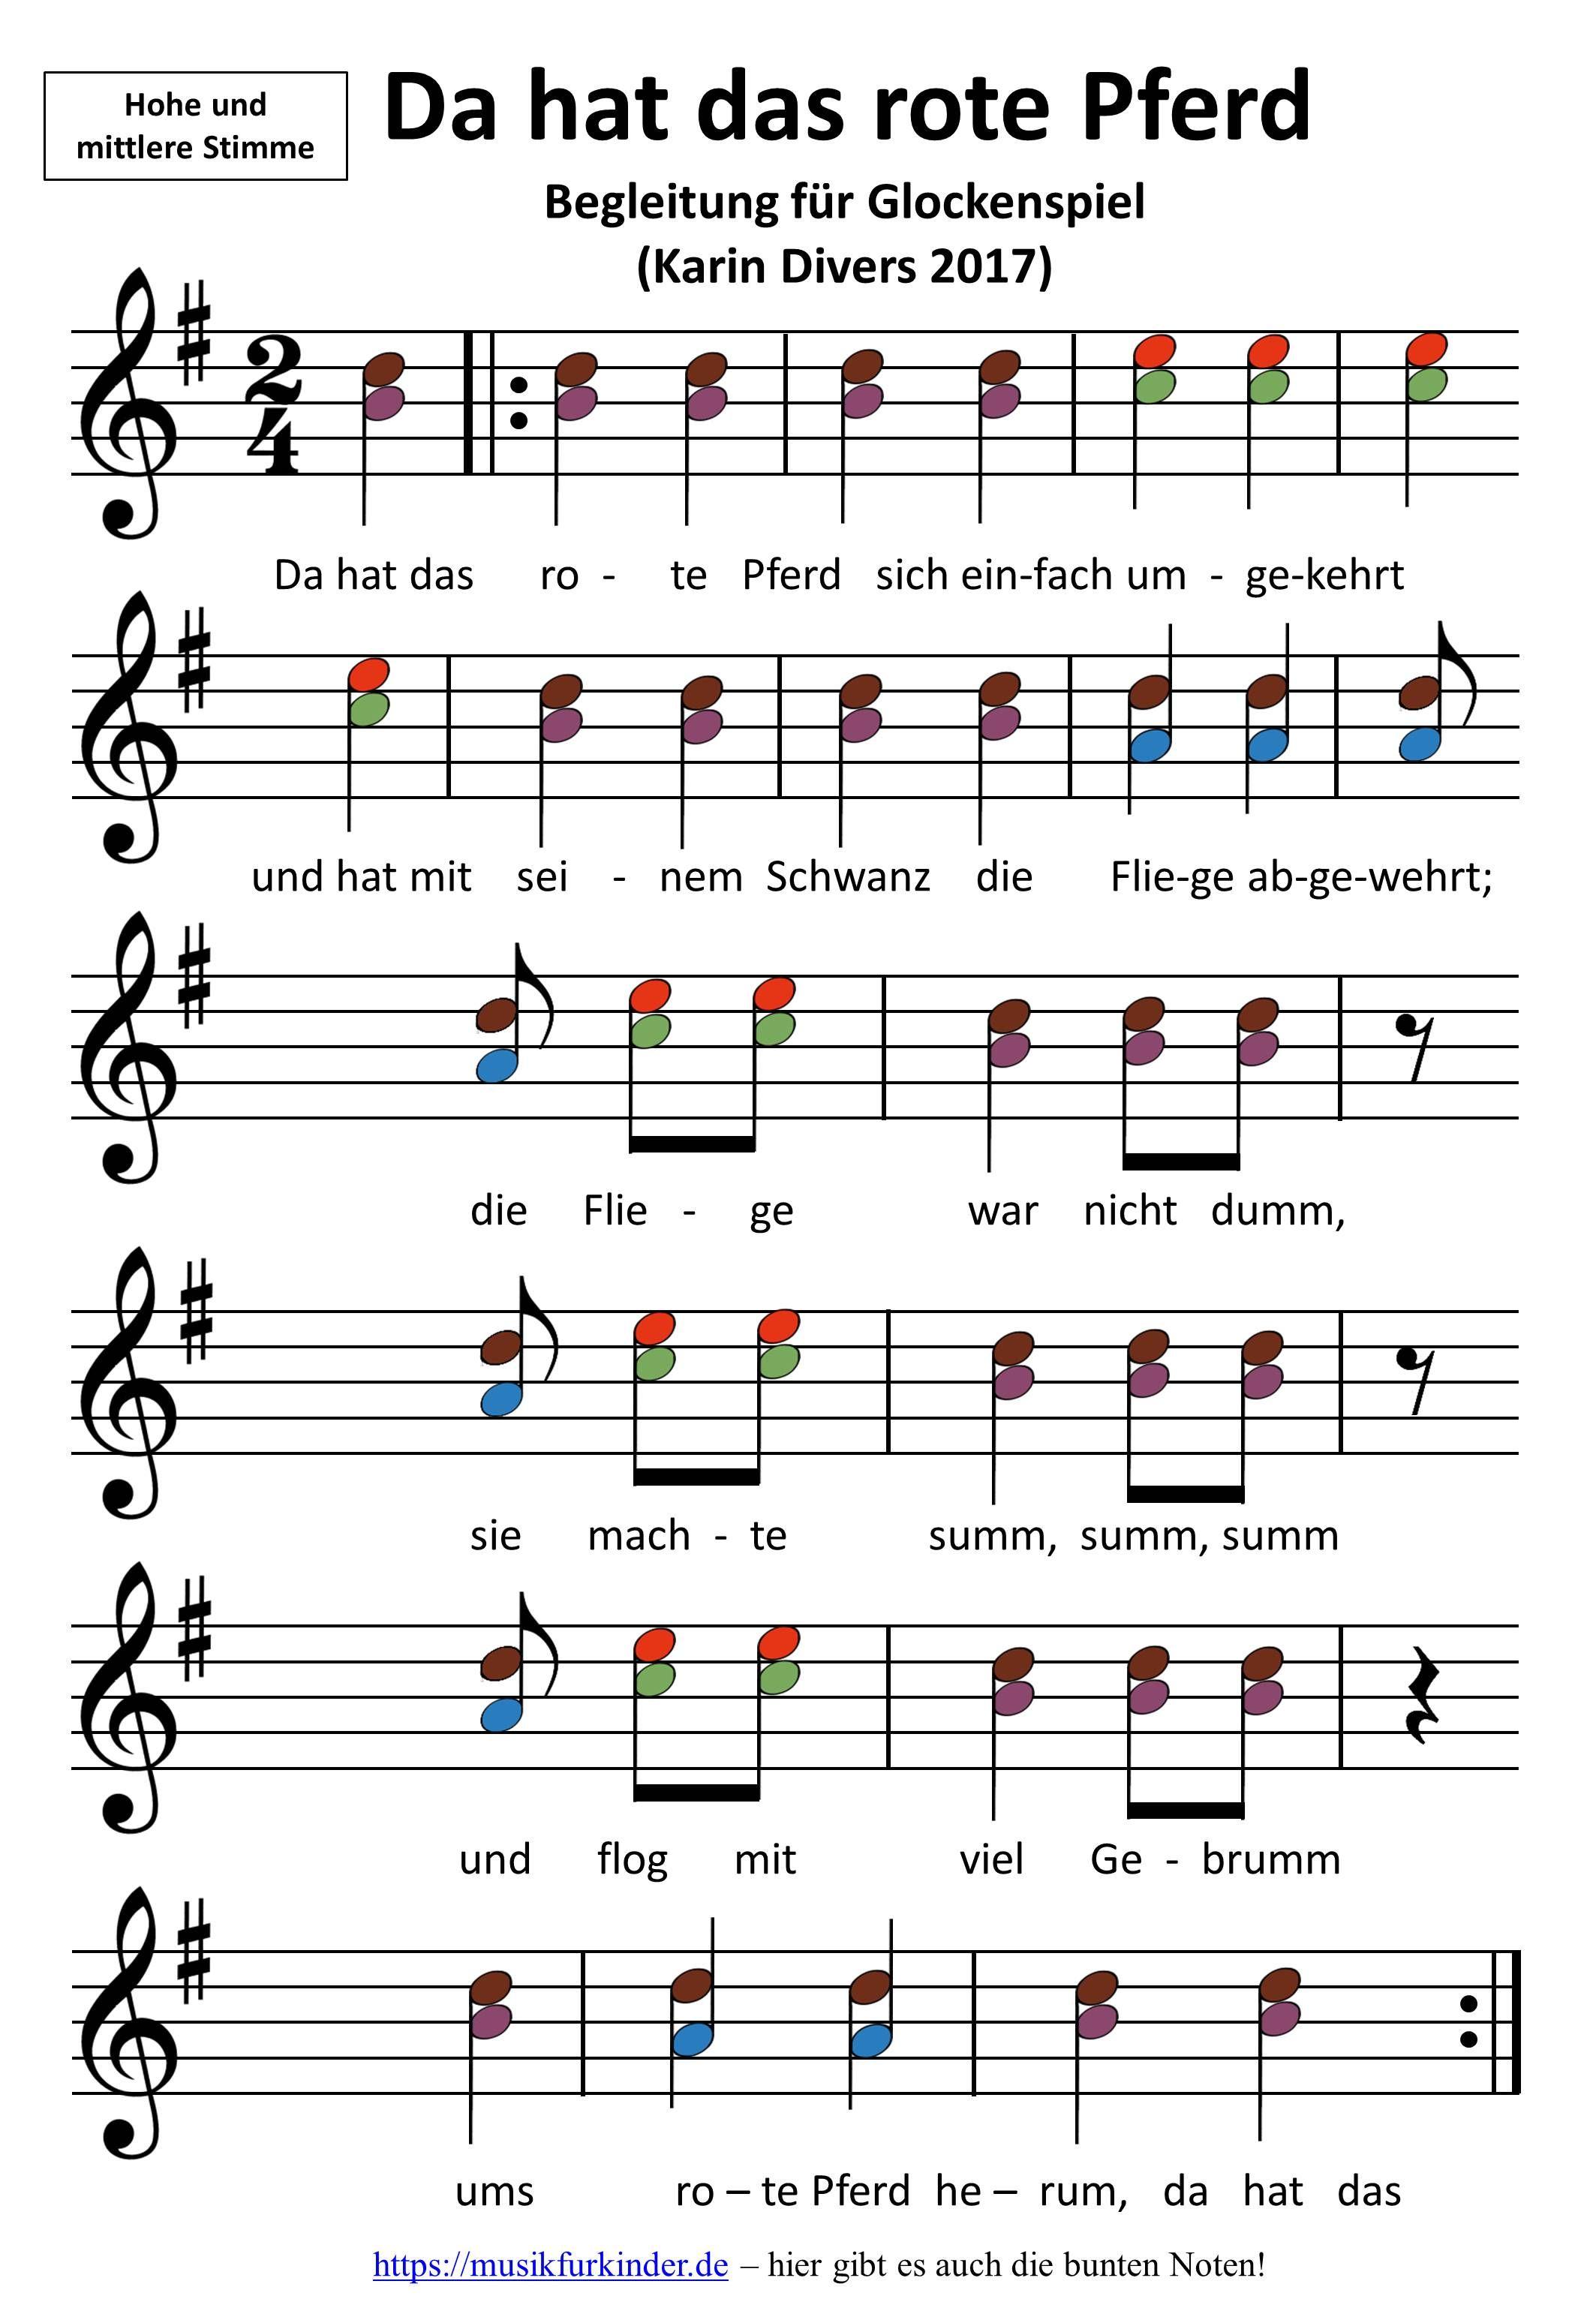 Da hat das rote Pferd | музыка | Pinterest | Kindergarten, Music и ...